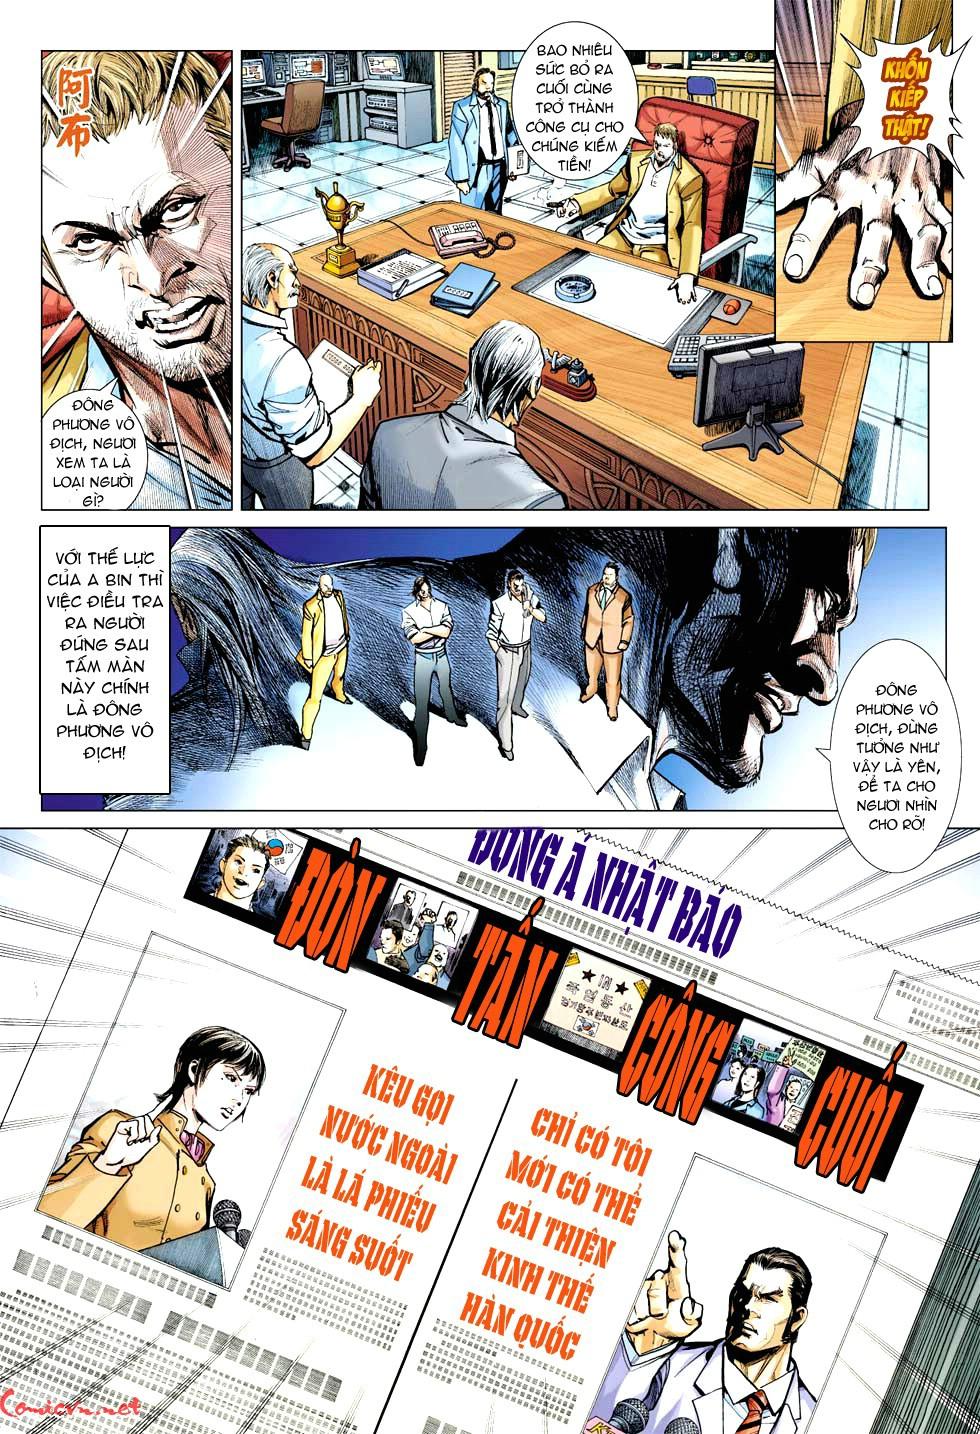 Vương Phong Lôi 1 chap 32 - Trang 21